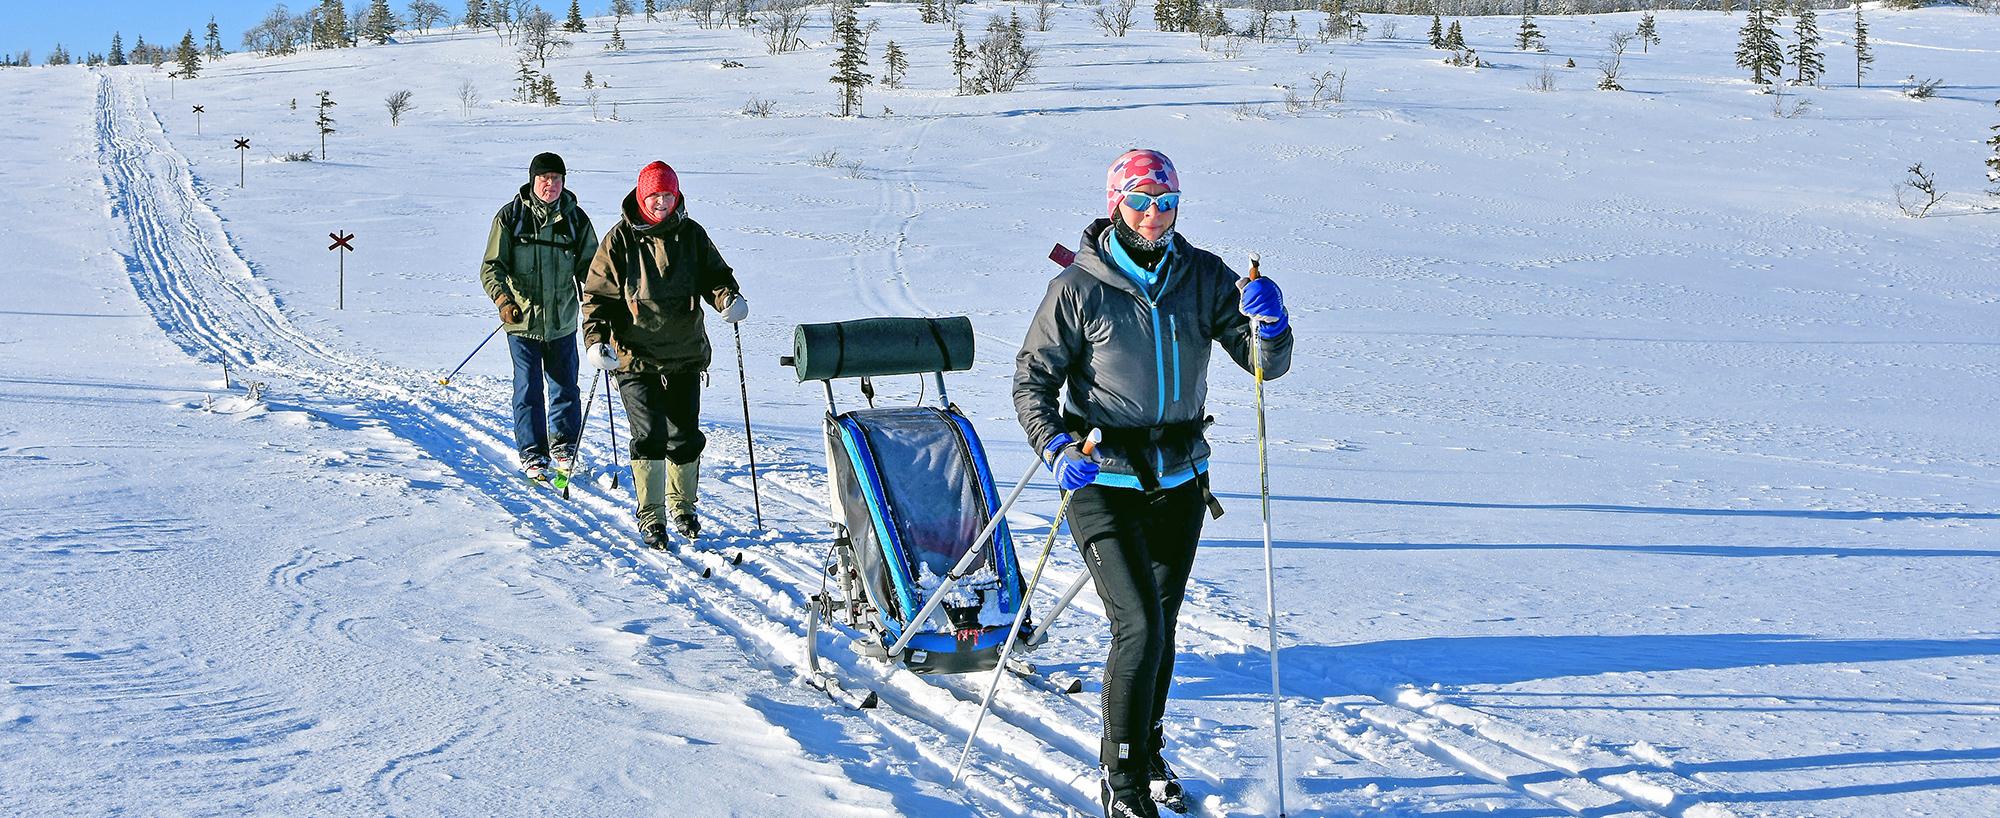 Längs Hållvallsleden Skidar Du Delvis över Platån I Ottsjö . En Fjällupplevelse I Världsklass I Södra Årefjällen.